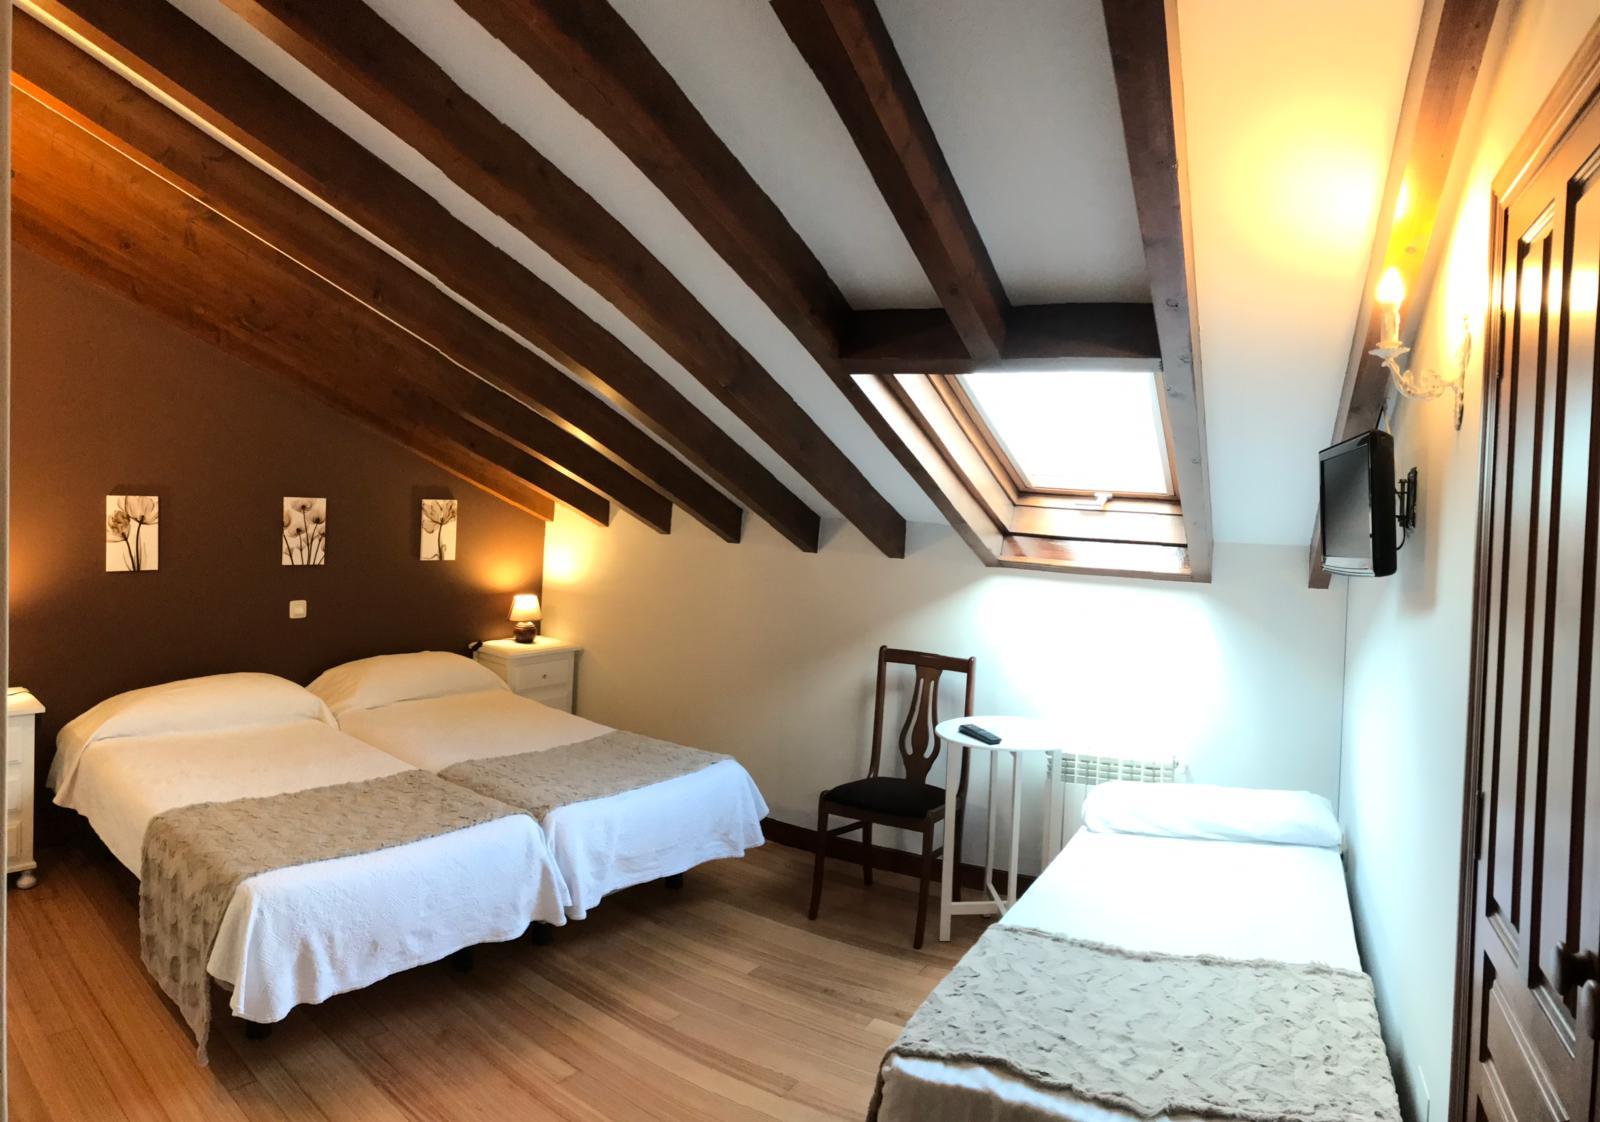 Habitacion doble con cama supletoria - la casona de abanillas - cantabria (2)